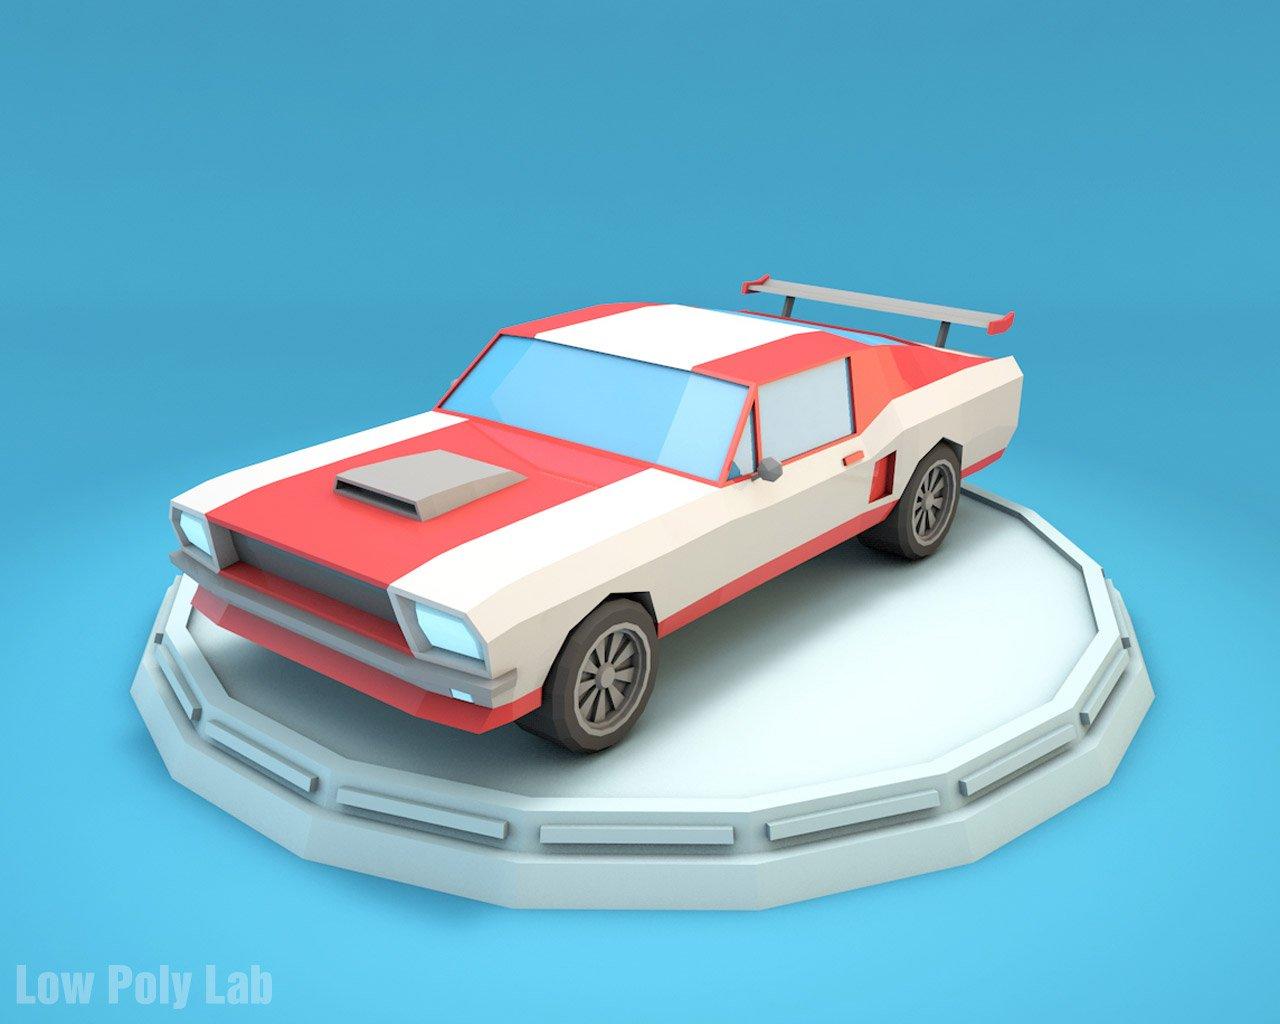 Cartoon Car Low Poly 3d Model In Racing 3dexport